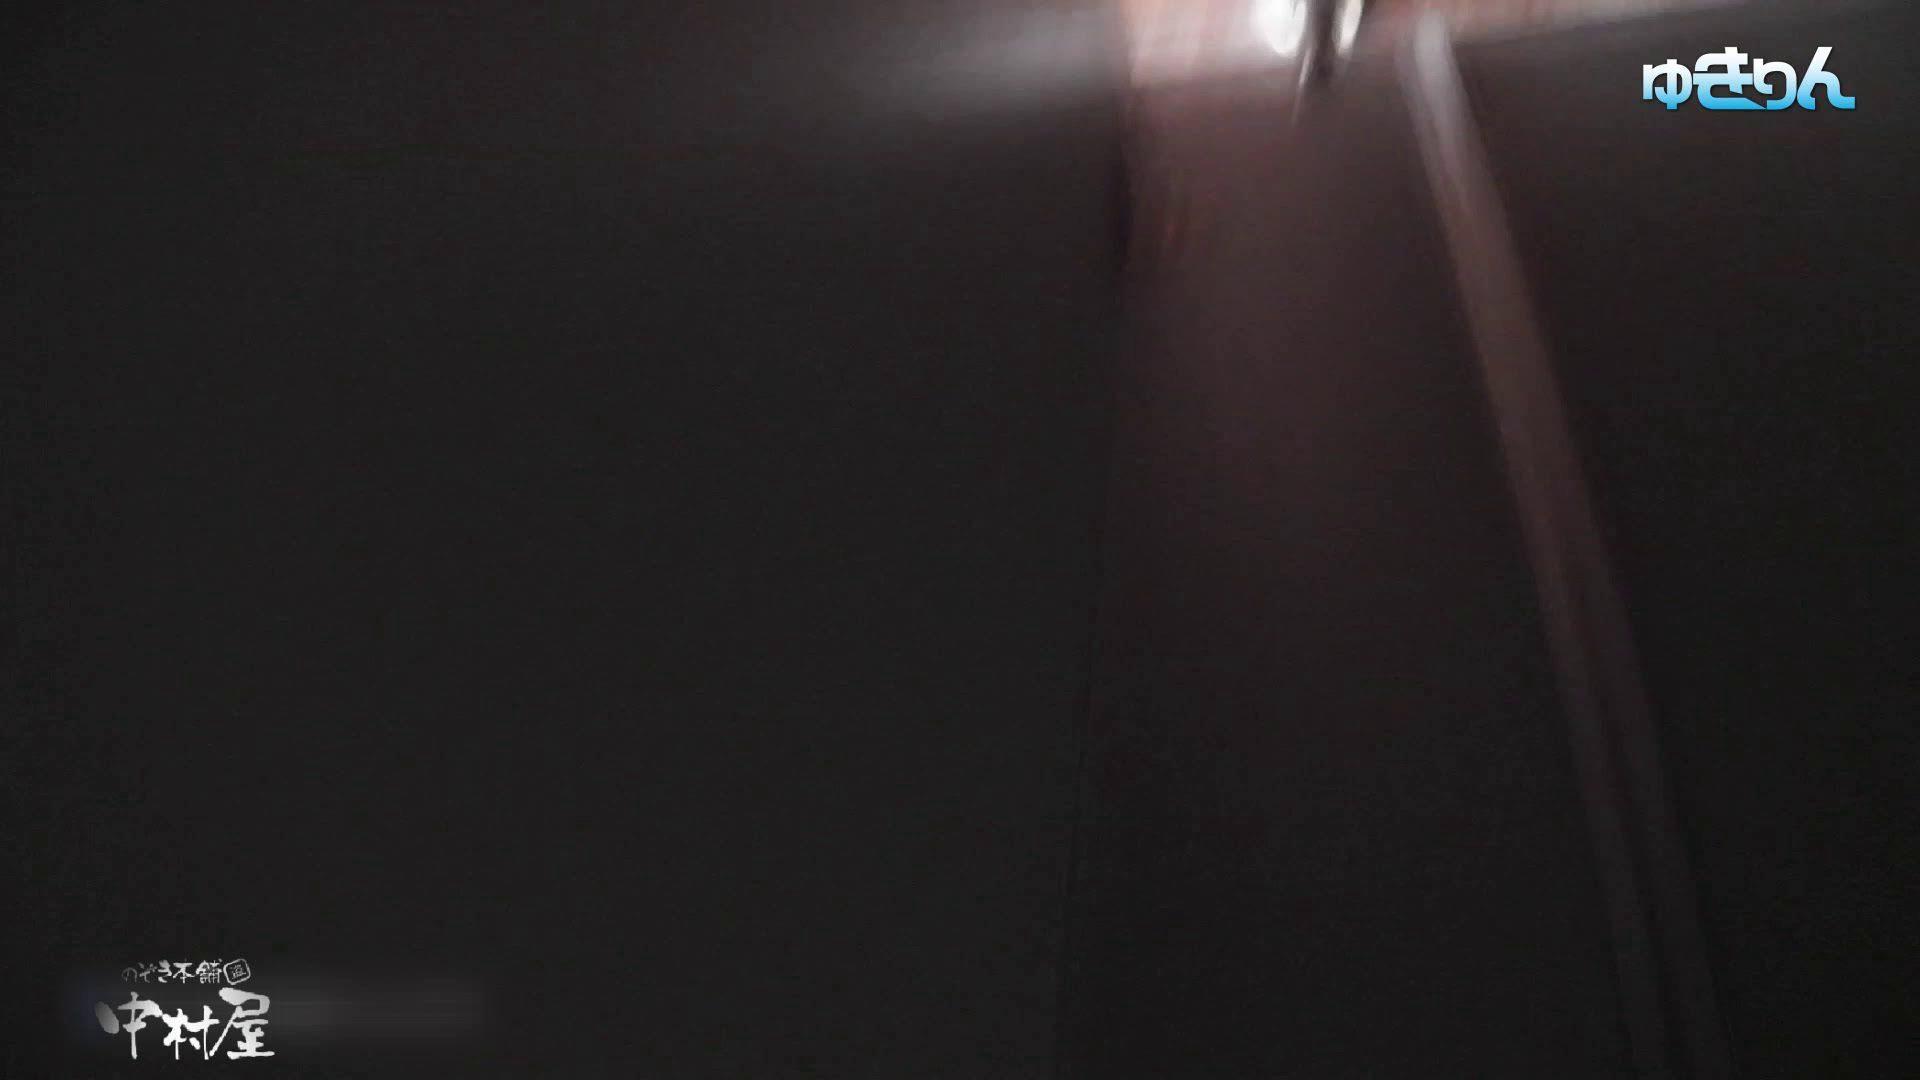 世界の射窓から~ステーション編 vol59 ユキリン奮闘!!新しいカメラに変更しました。中編 盗撮シリーズ   おまんこ見放題  95PIX 55